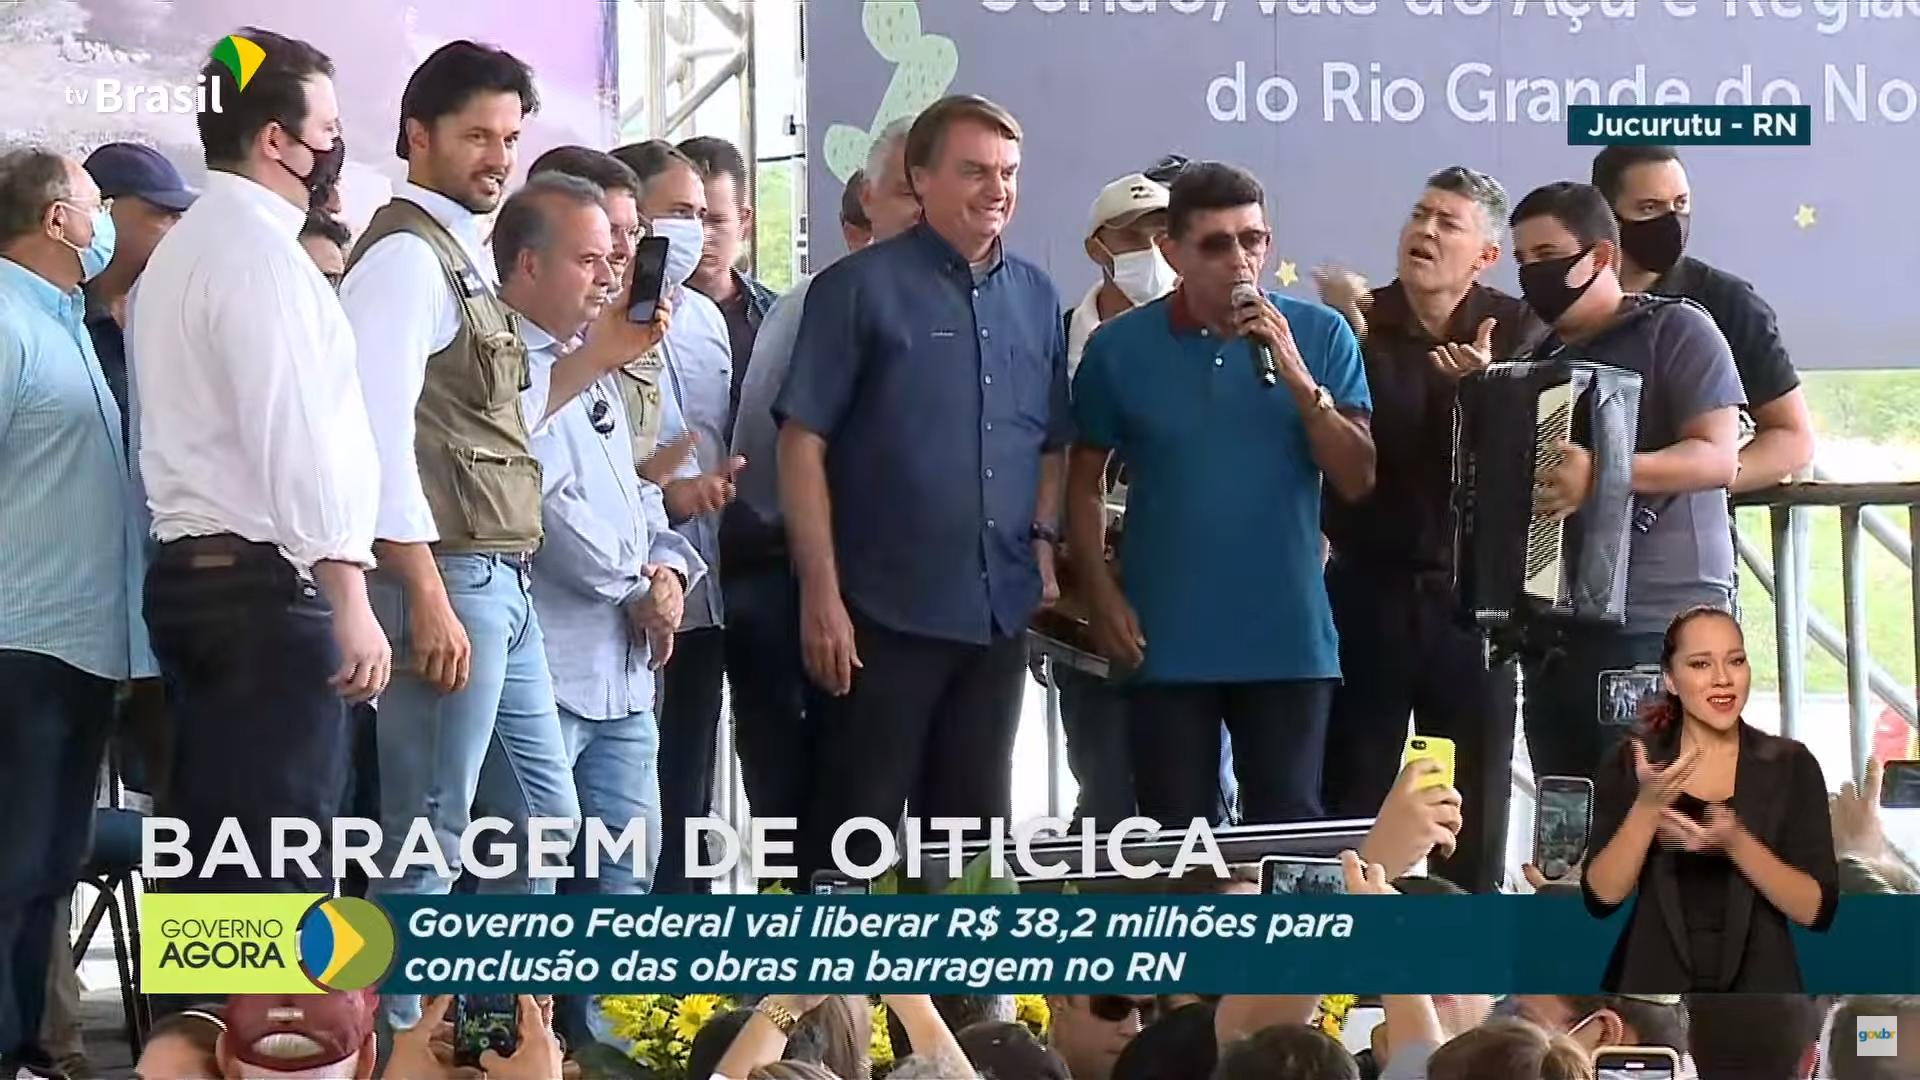 IMAGEM: TV Brasil transmite ao vivo mais uma canção eleitoreira pró-Bolsonaro